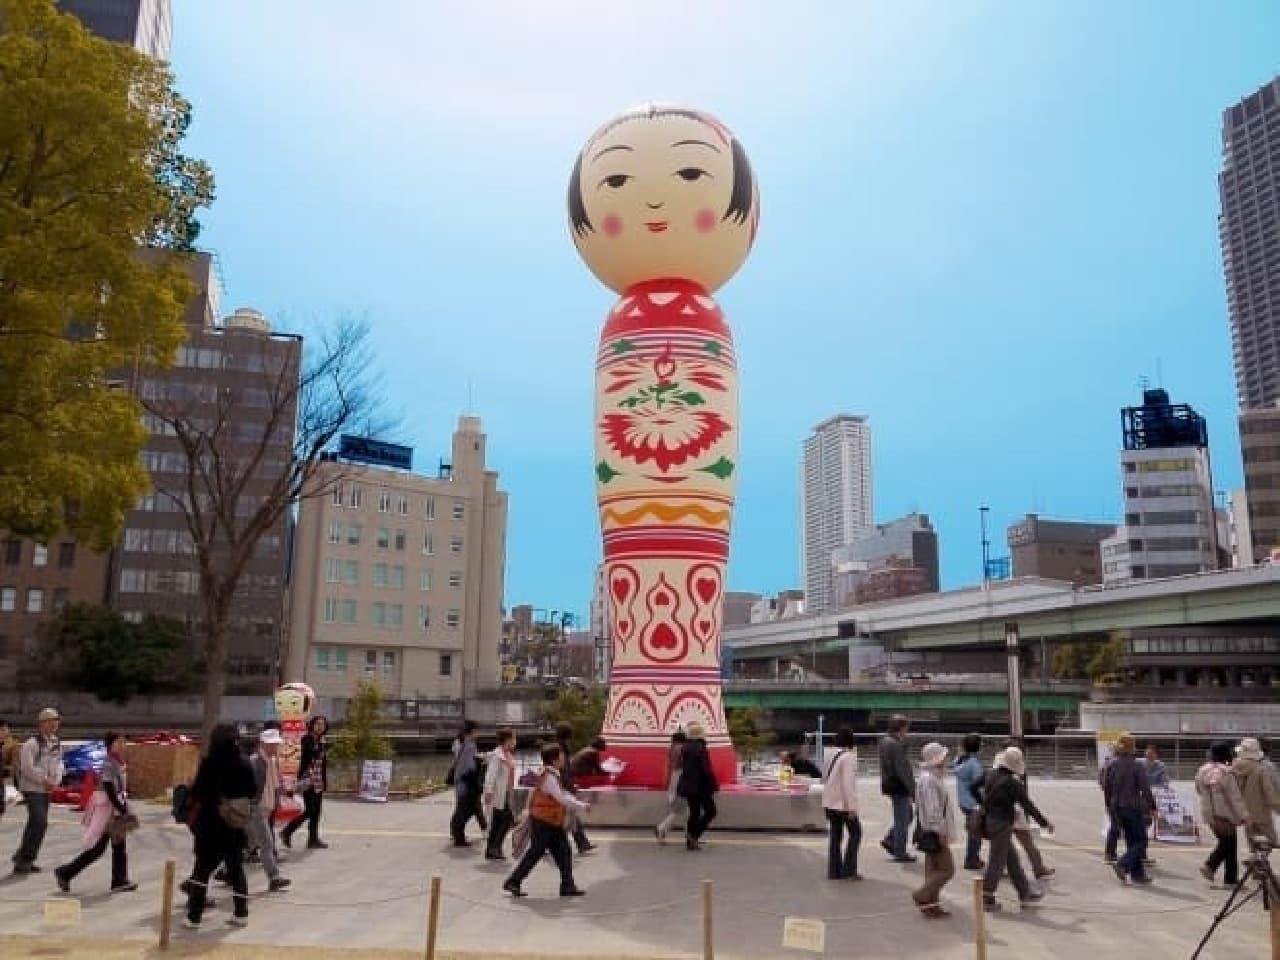 12mの巨大こけしも出現する「宮城 夏のこけしフェス in 仙台泉プレミアム・アウトレット」